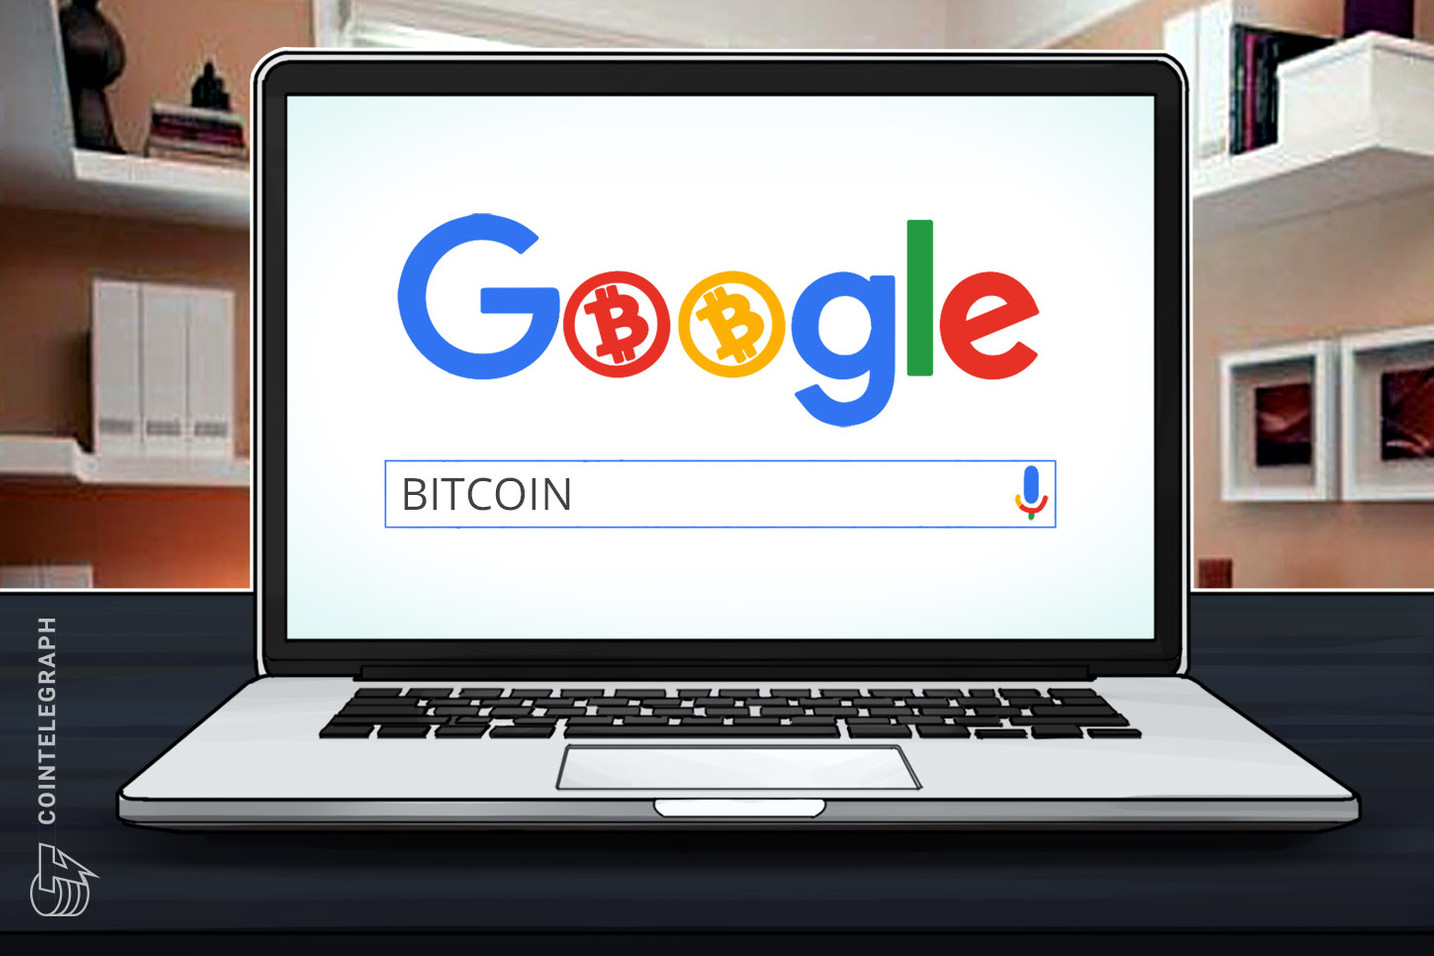 Bitcoin a $10K e mais forte do que nunca, mas parece que ninguém se importa, mostra o Google Trends